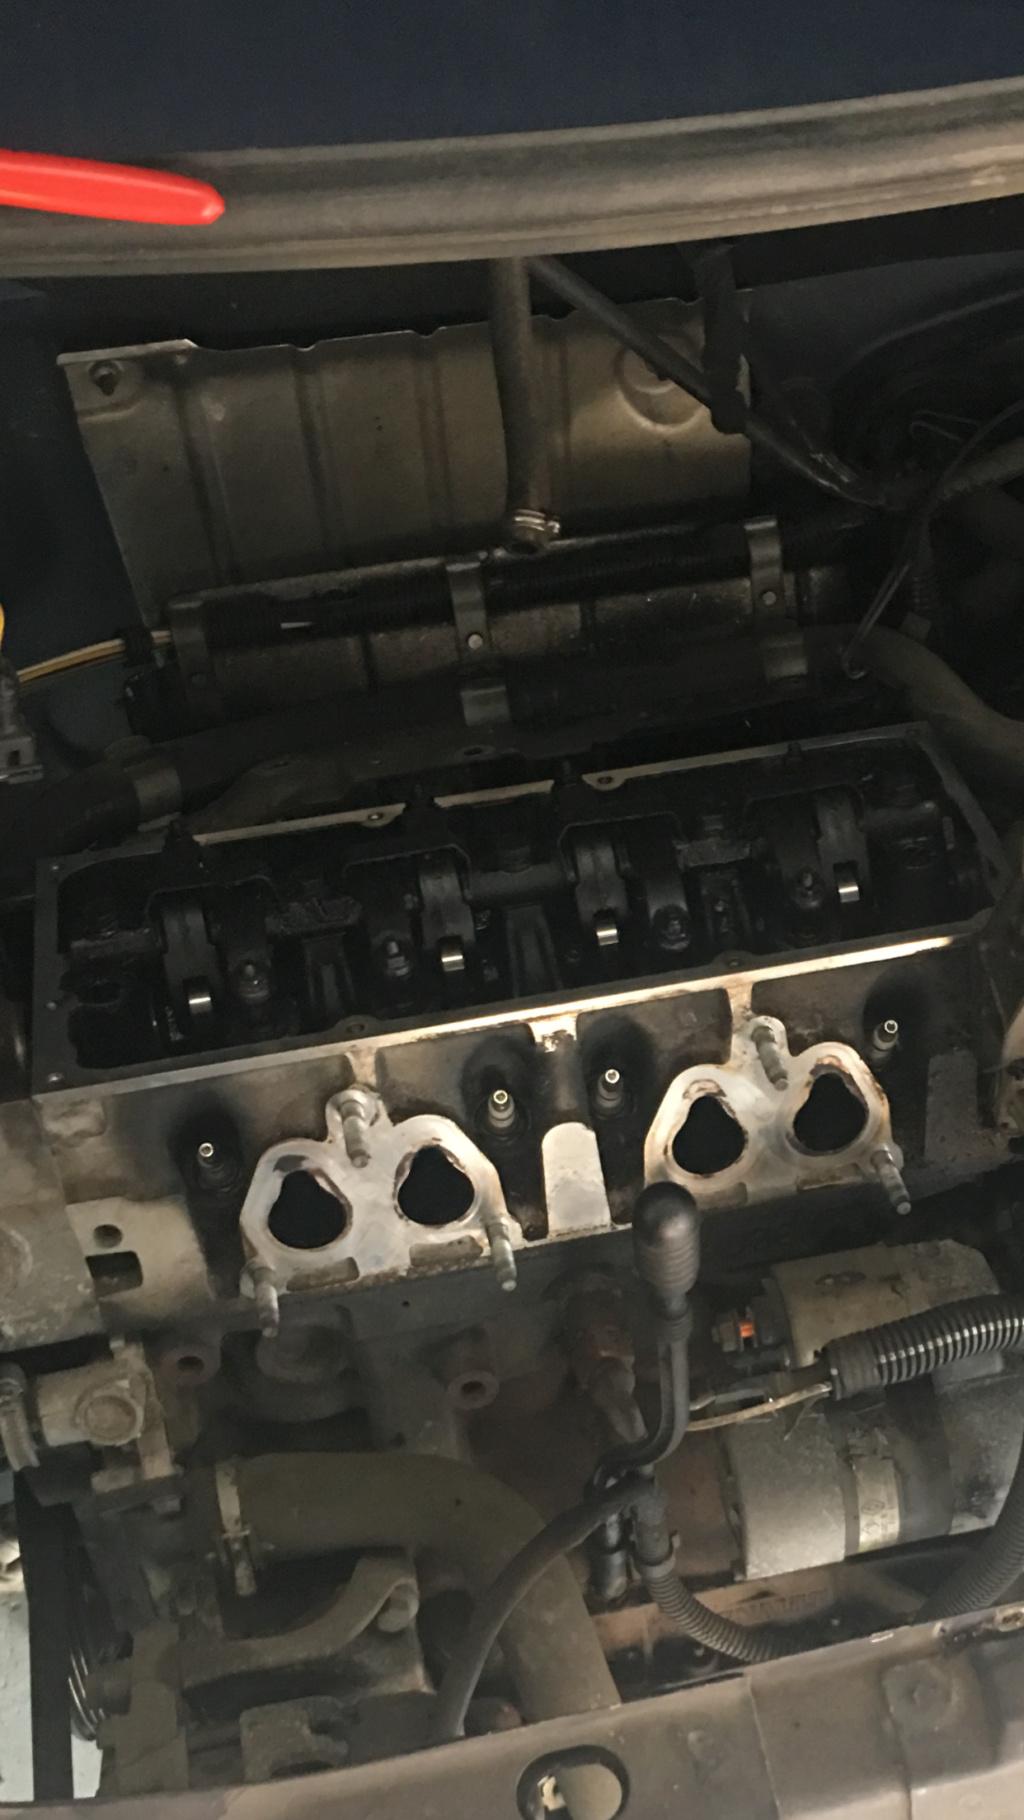 [résolu]Fuite d'huile moteur inquiétante. - Page 2 209d2610